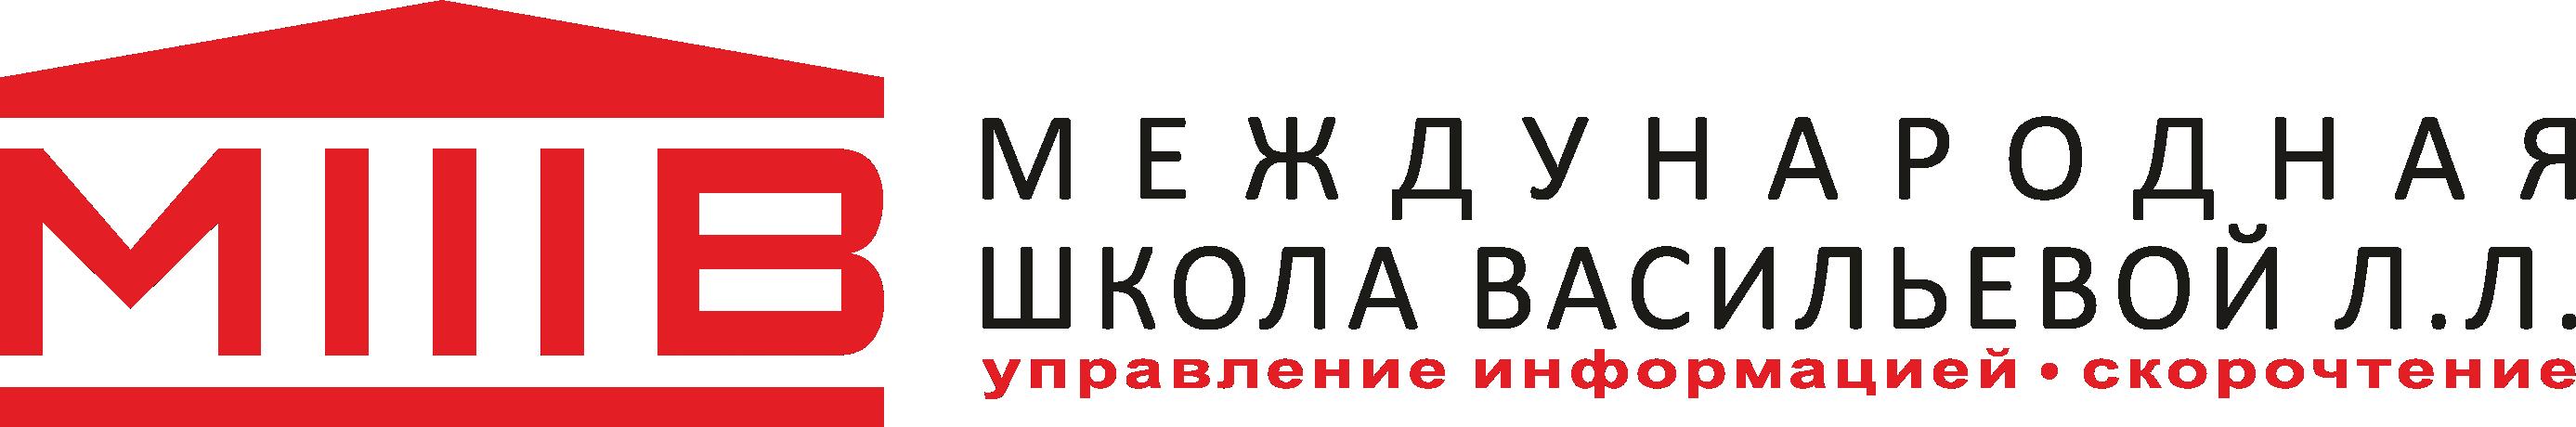 Детский клуб школа скорочтения Севастополь